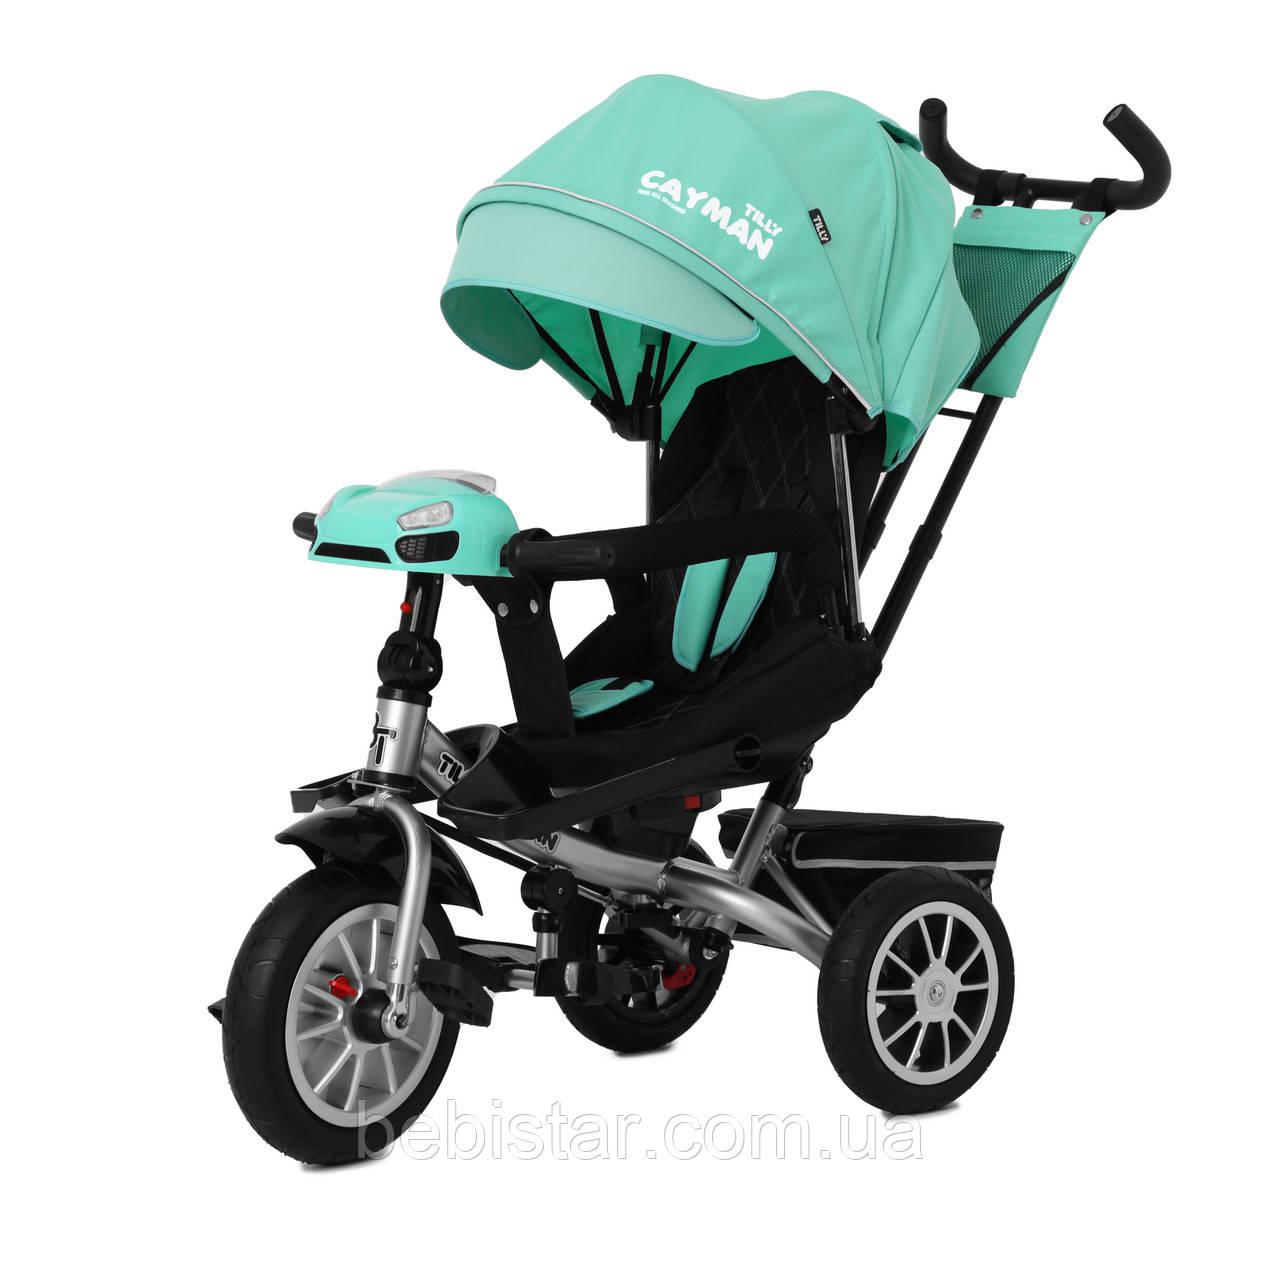 Триколісний велосипед TILLY CAYMAN 381/3 зелений пульт поворот сидіння надувні коліс музика і світло